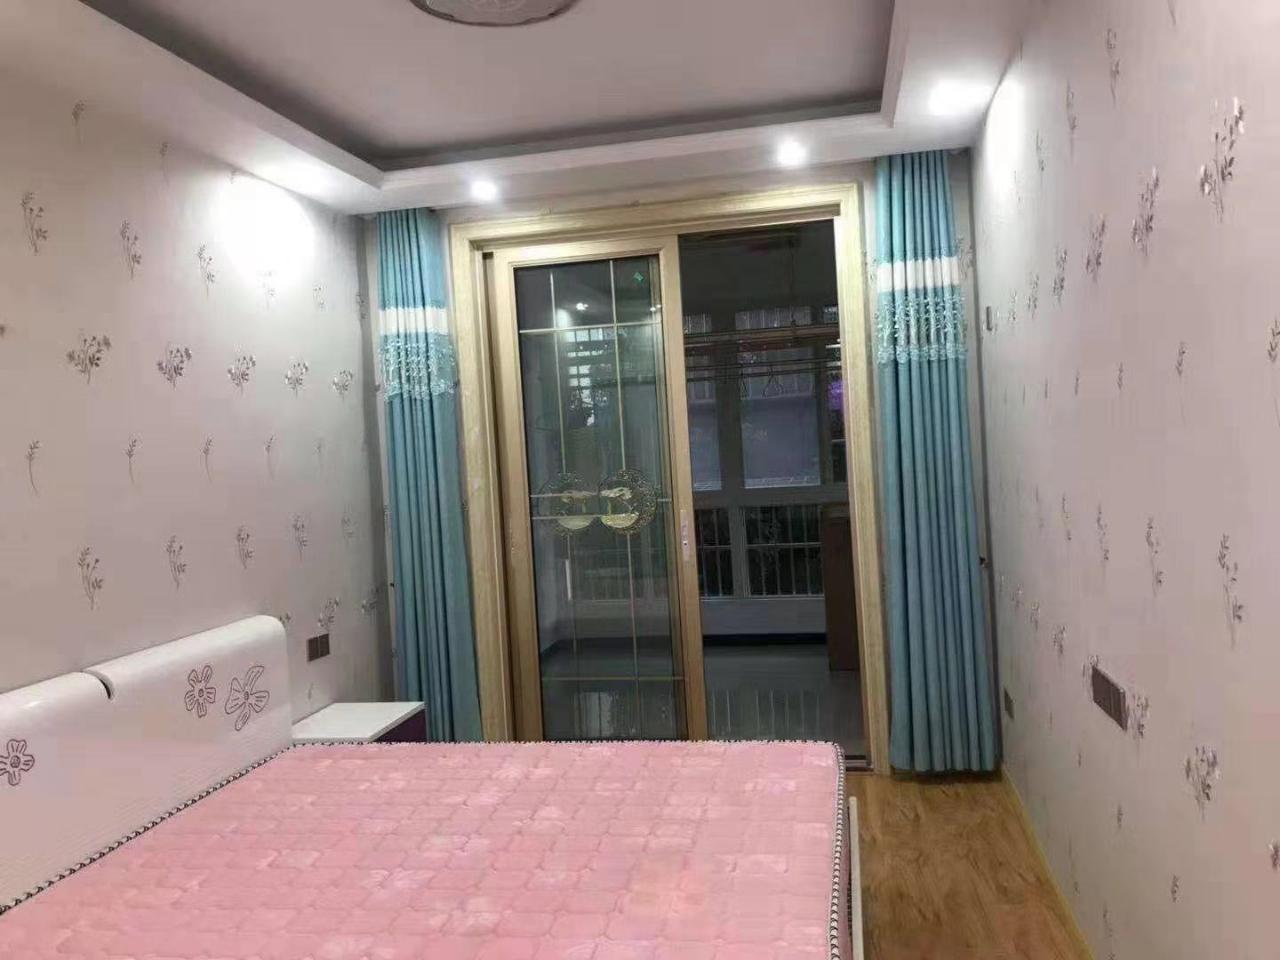 桃园新村3室2厅2卫58万元带车库